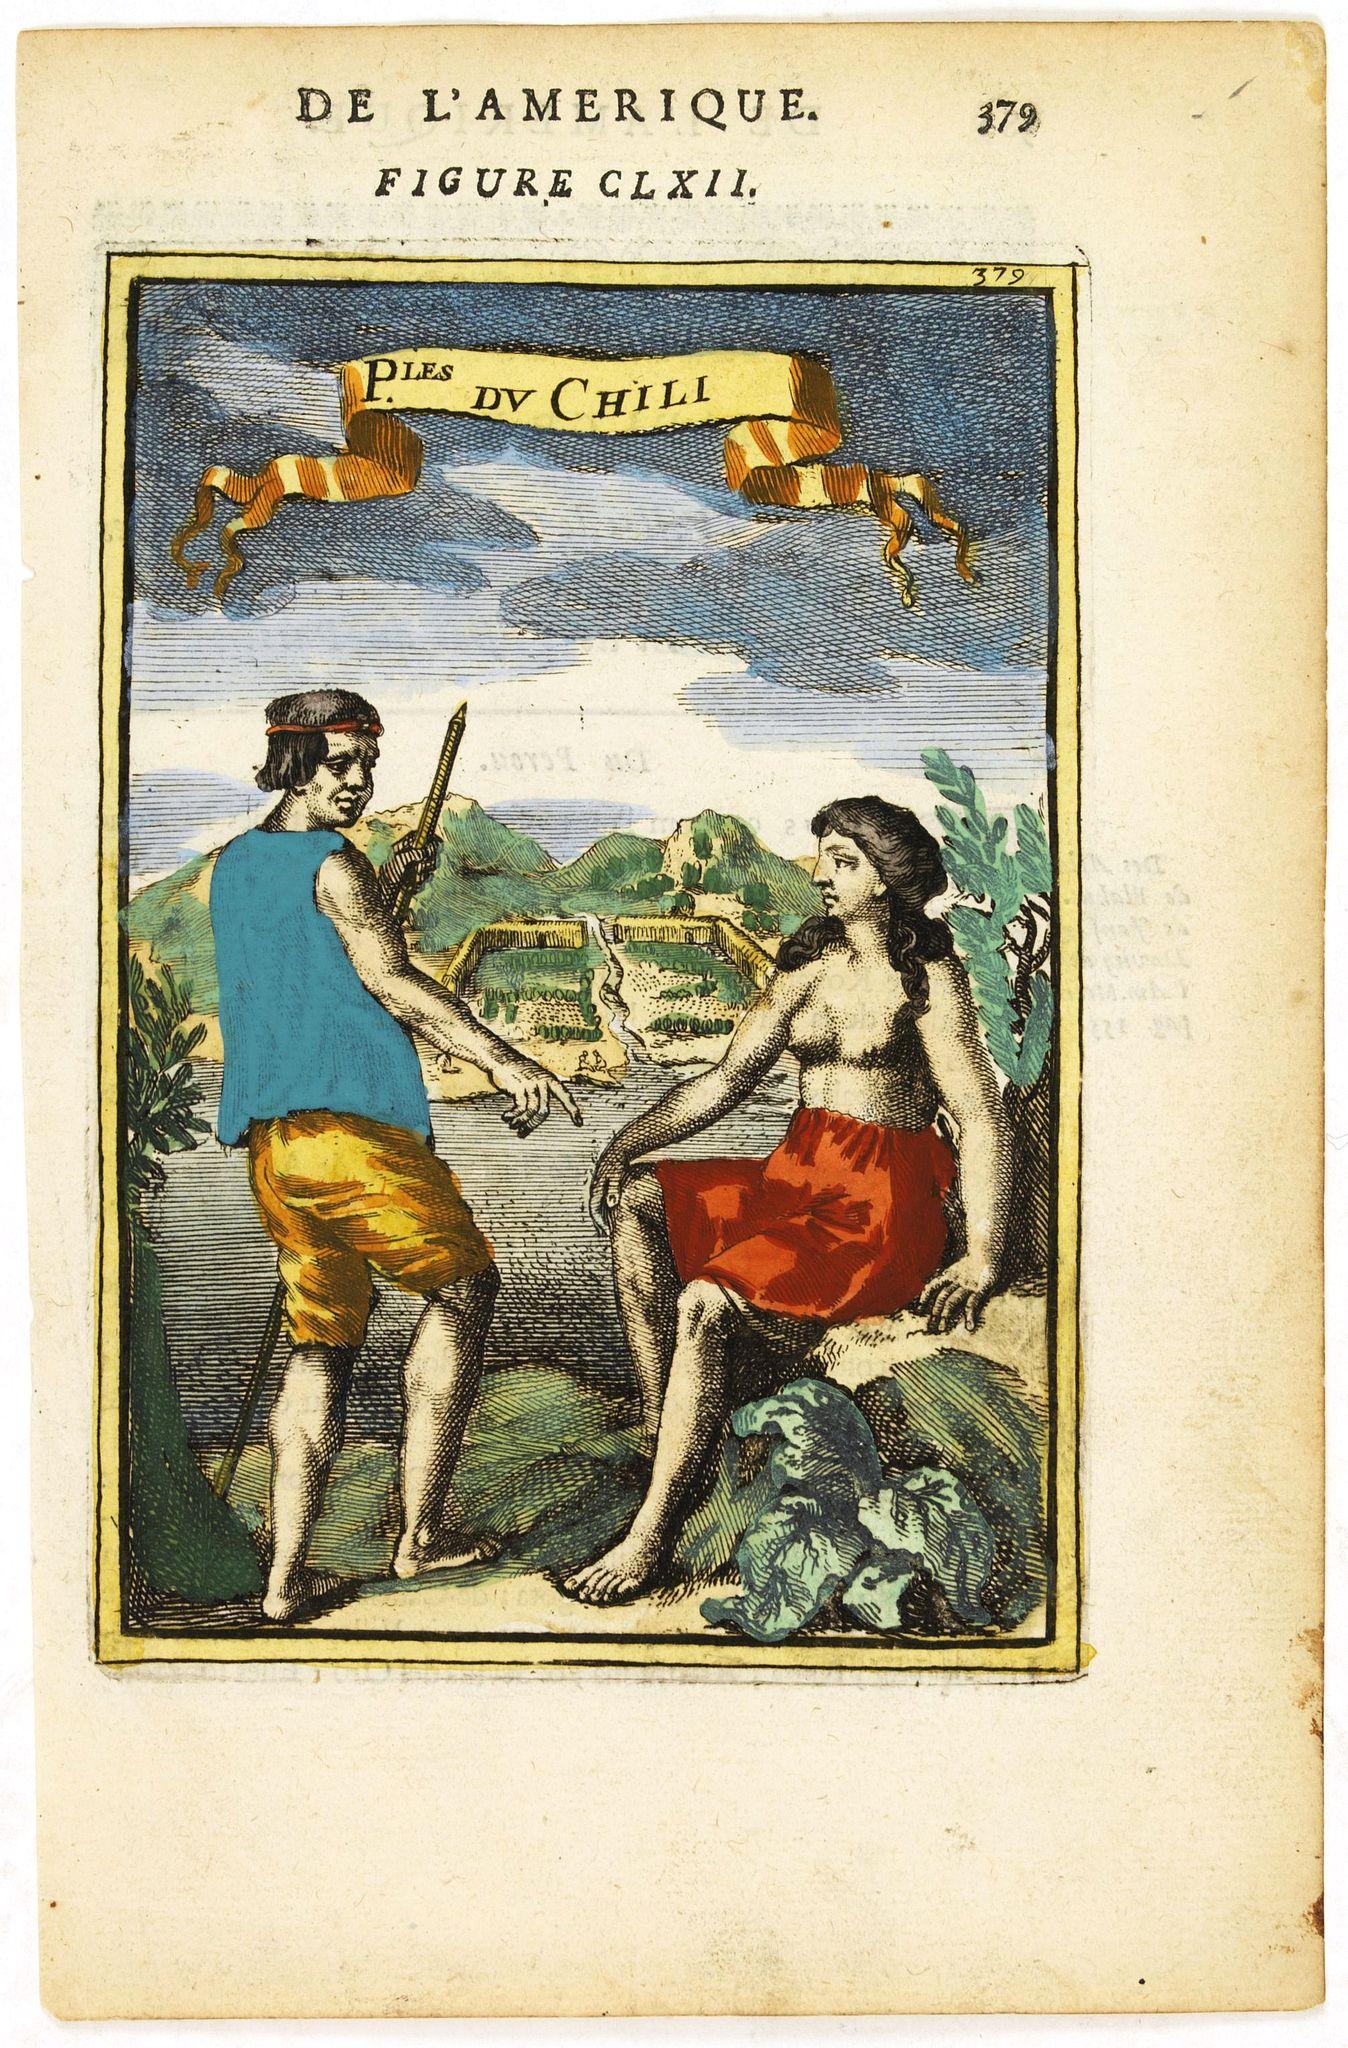 MALLET, A.M. -  P.les du Chile.